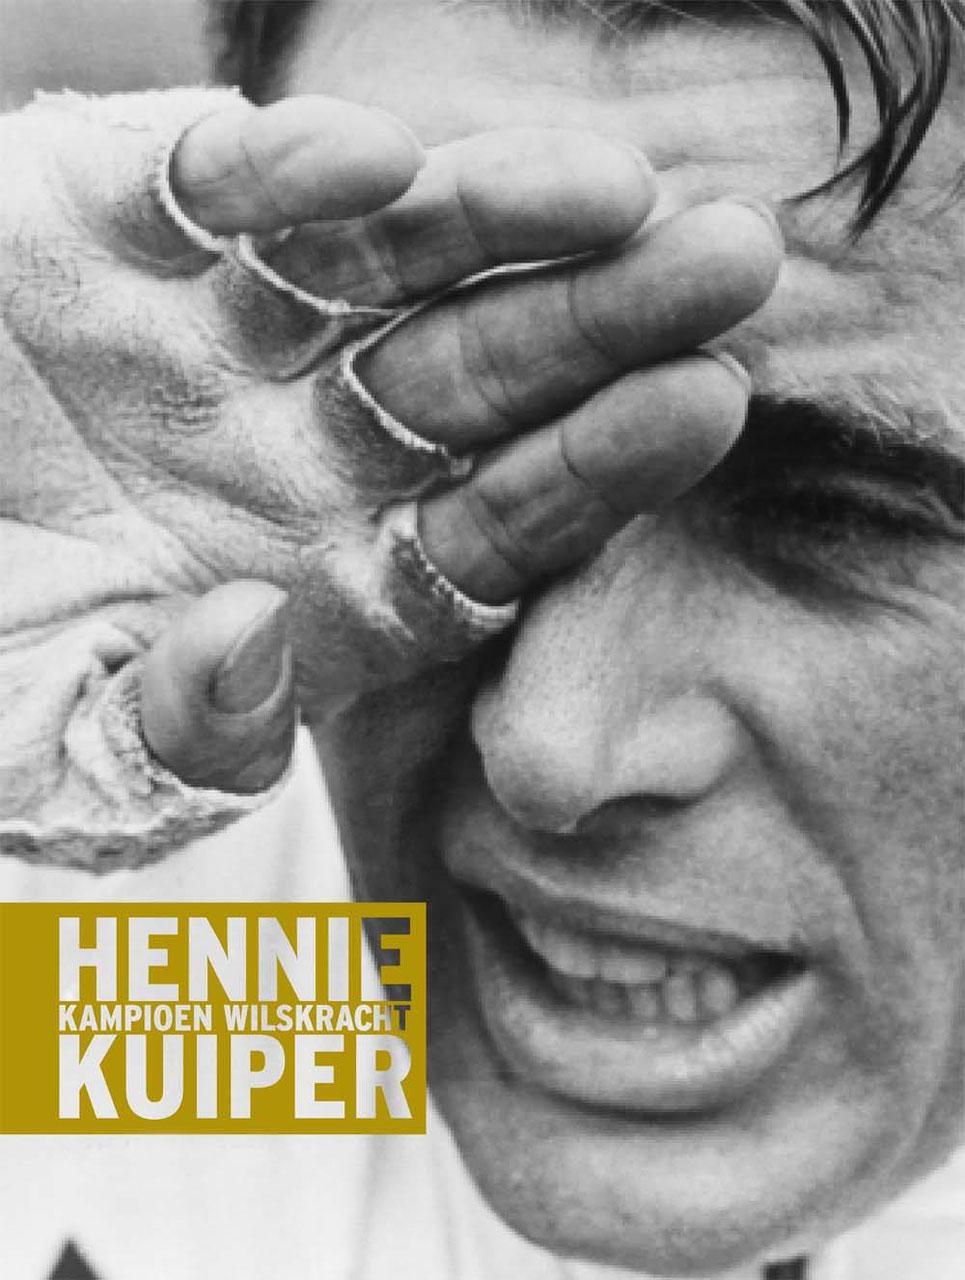 Nieuw fotoboek voor Kampioen Wilskracht Hennie Kuiper